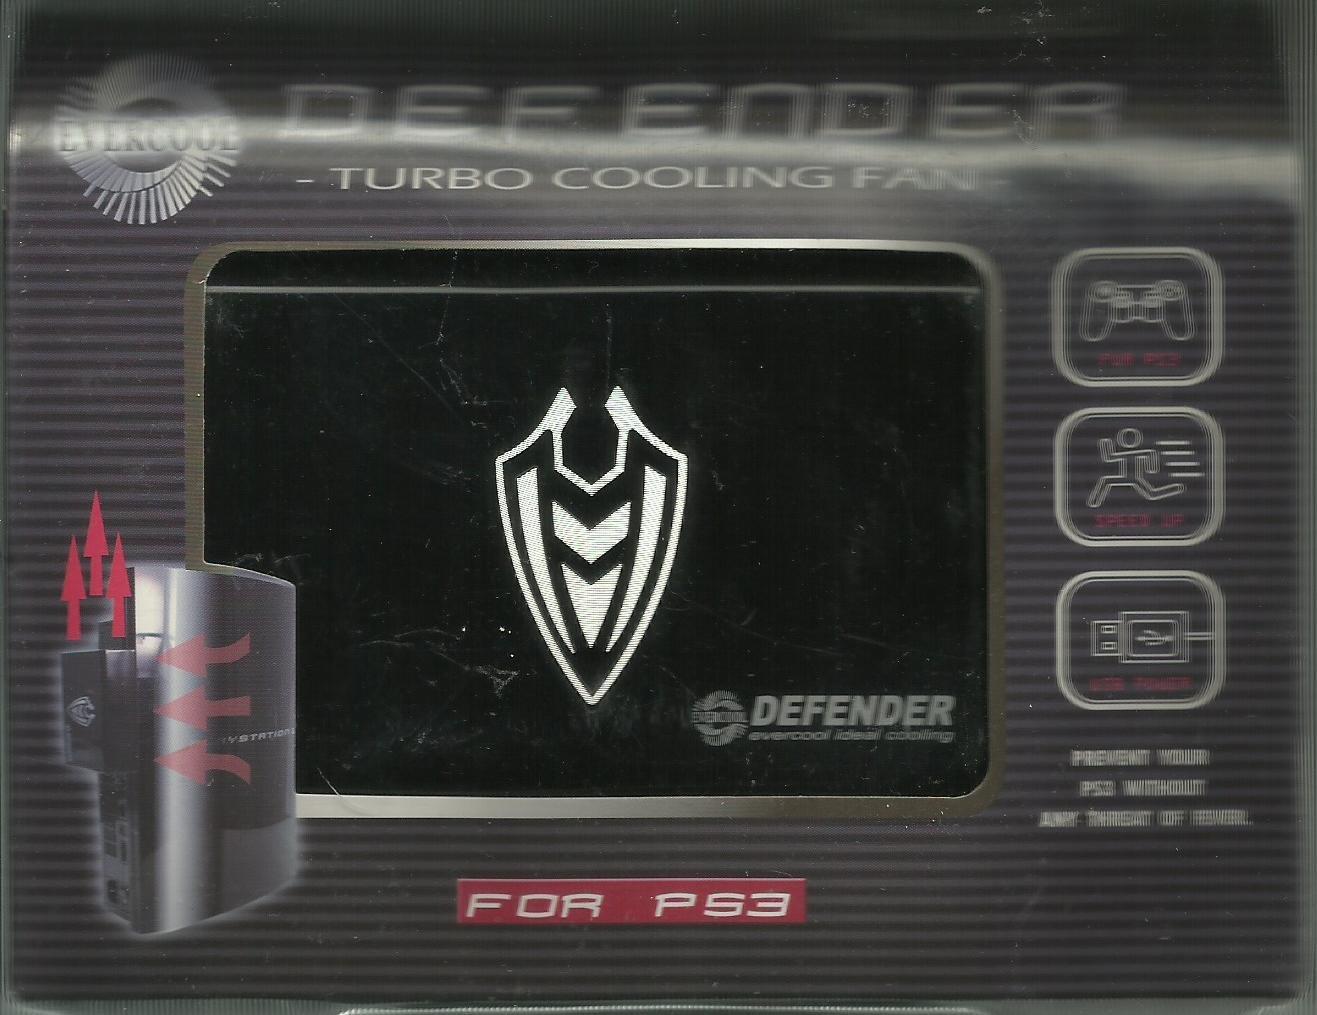 Evercool Turbo ventilador de refrigeración para Playstation: Amazon.es: Electrónica